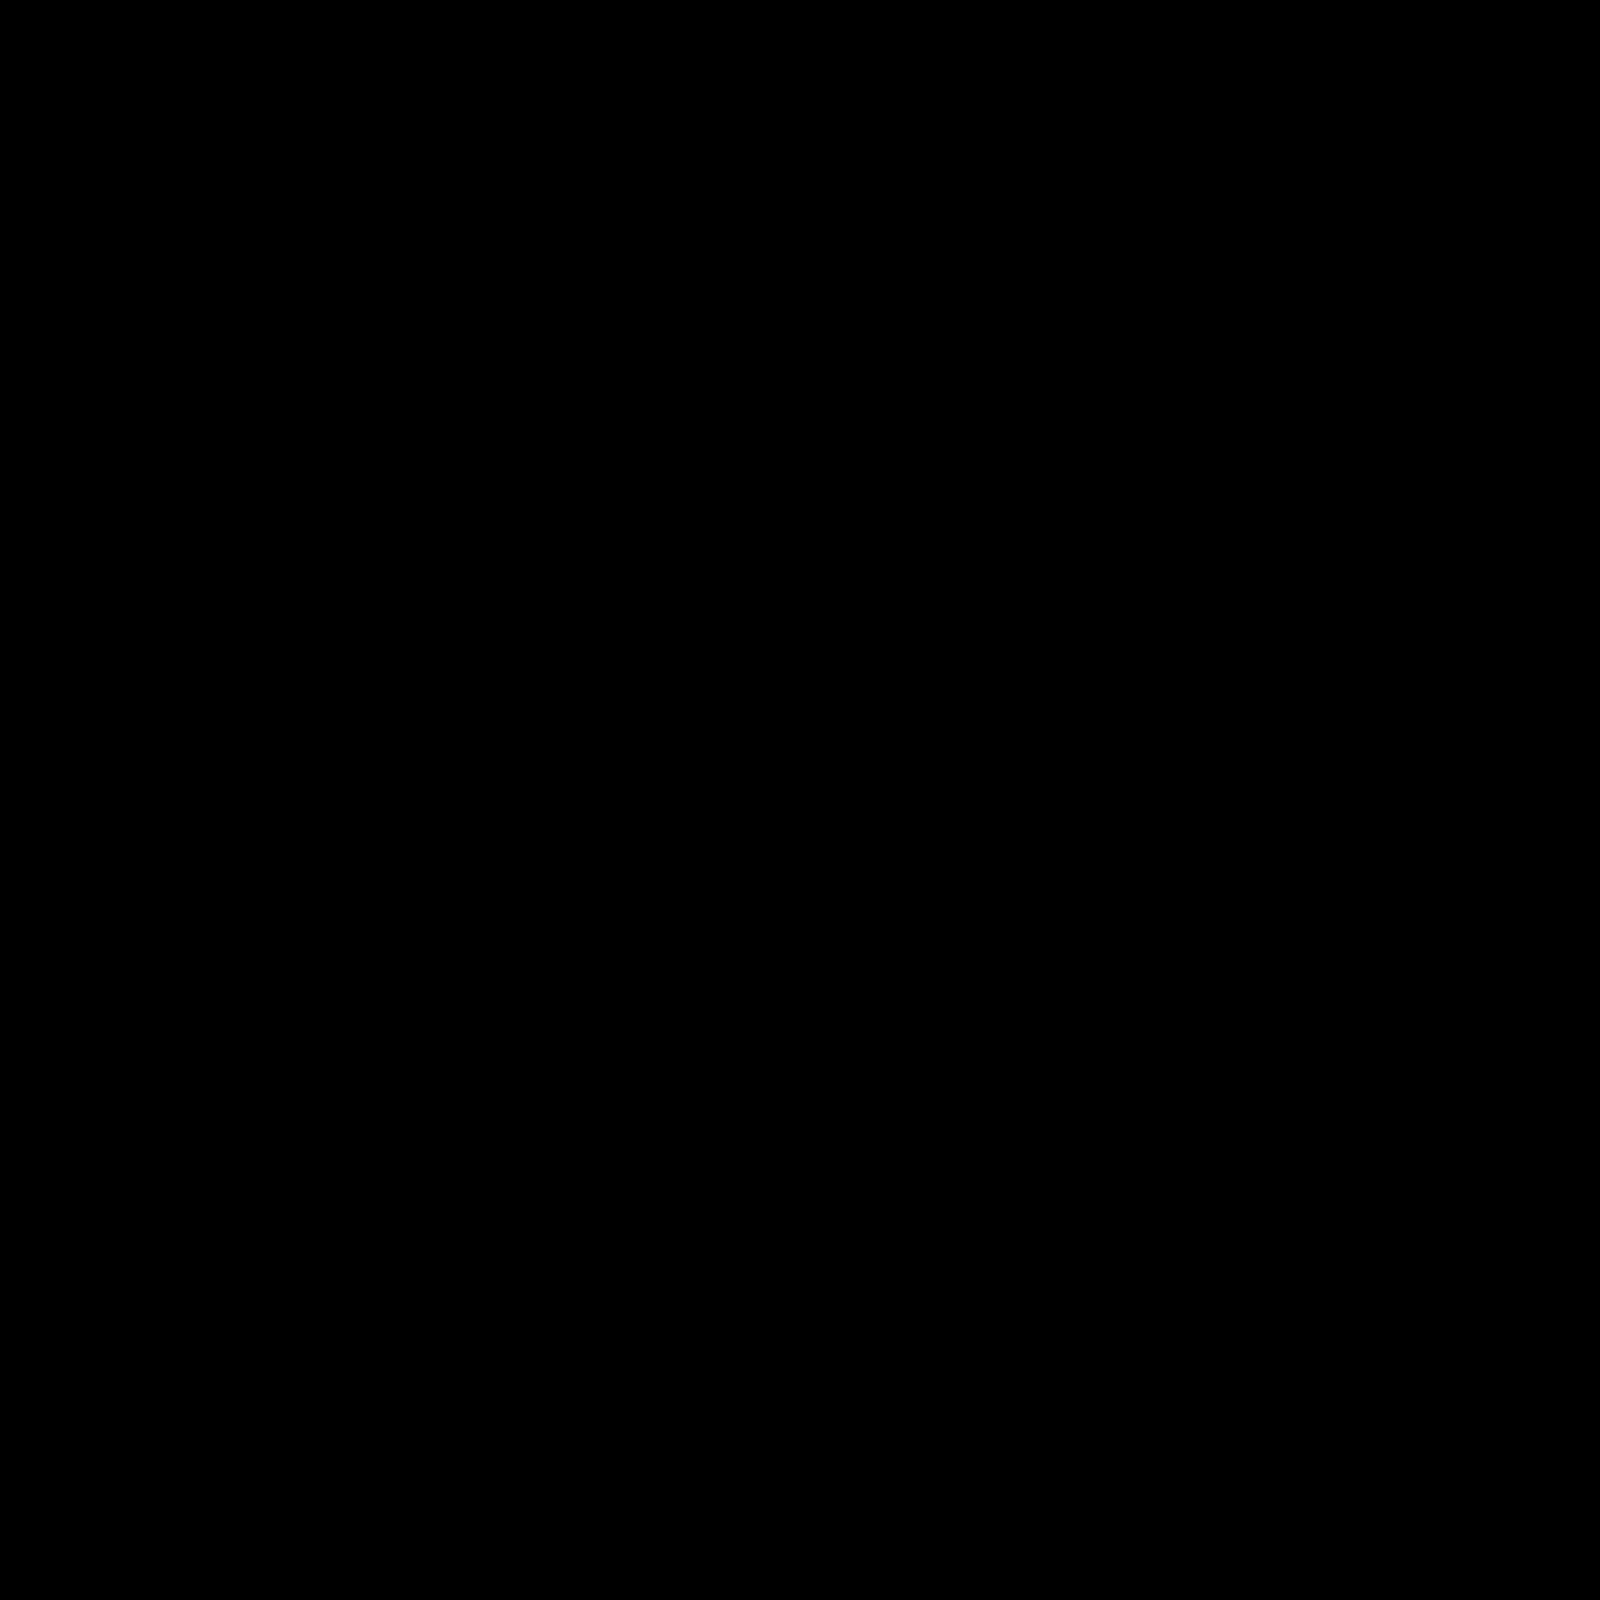 Recette De Sablés Escargots La Recette Facile: Sablés Nantais, Facile Et Pas Cher : Recette Sur Cuisine